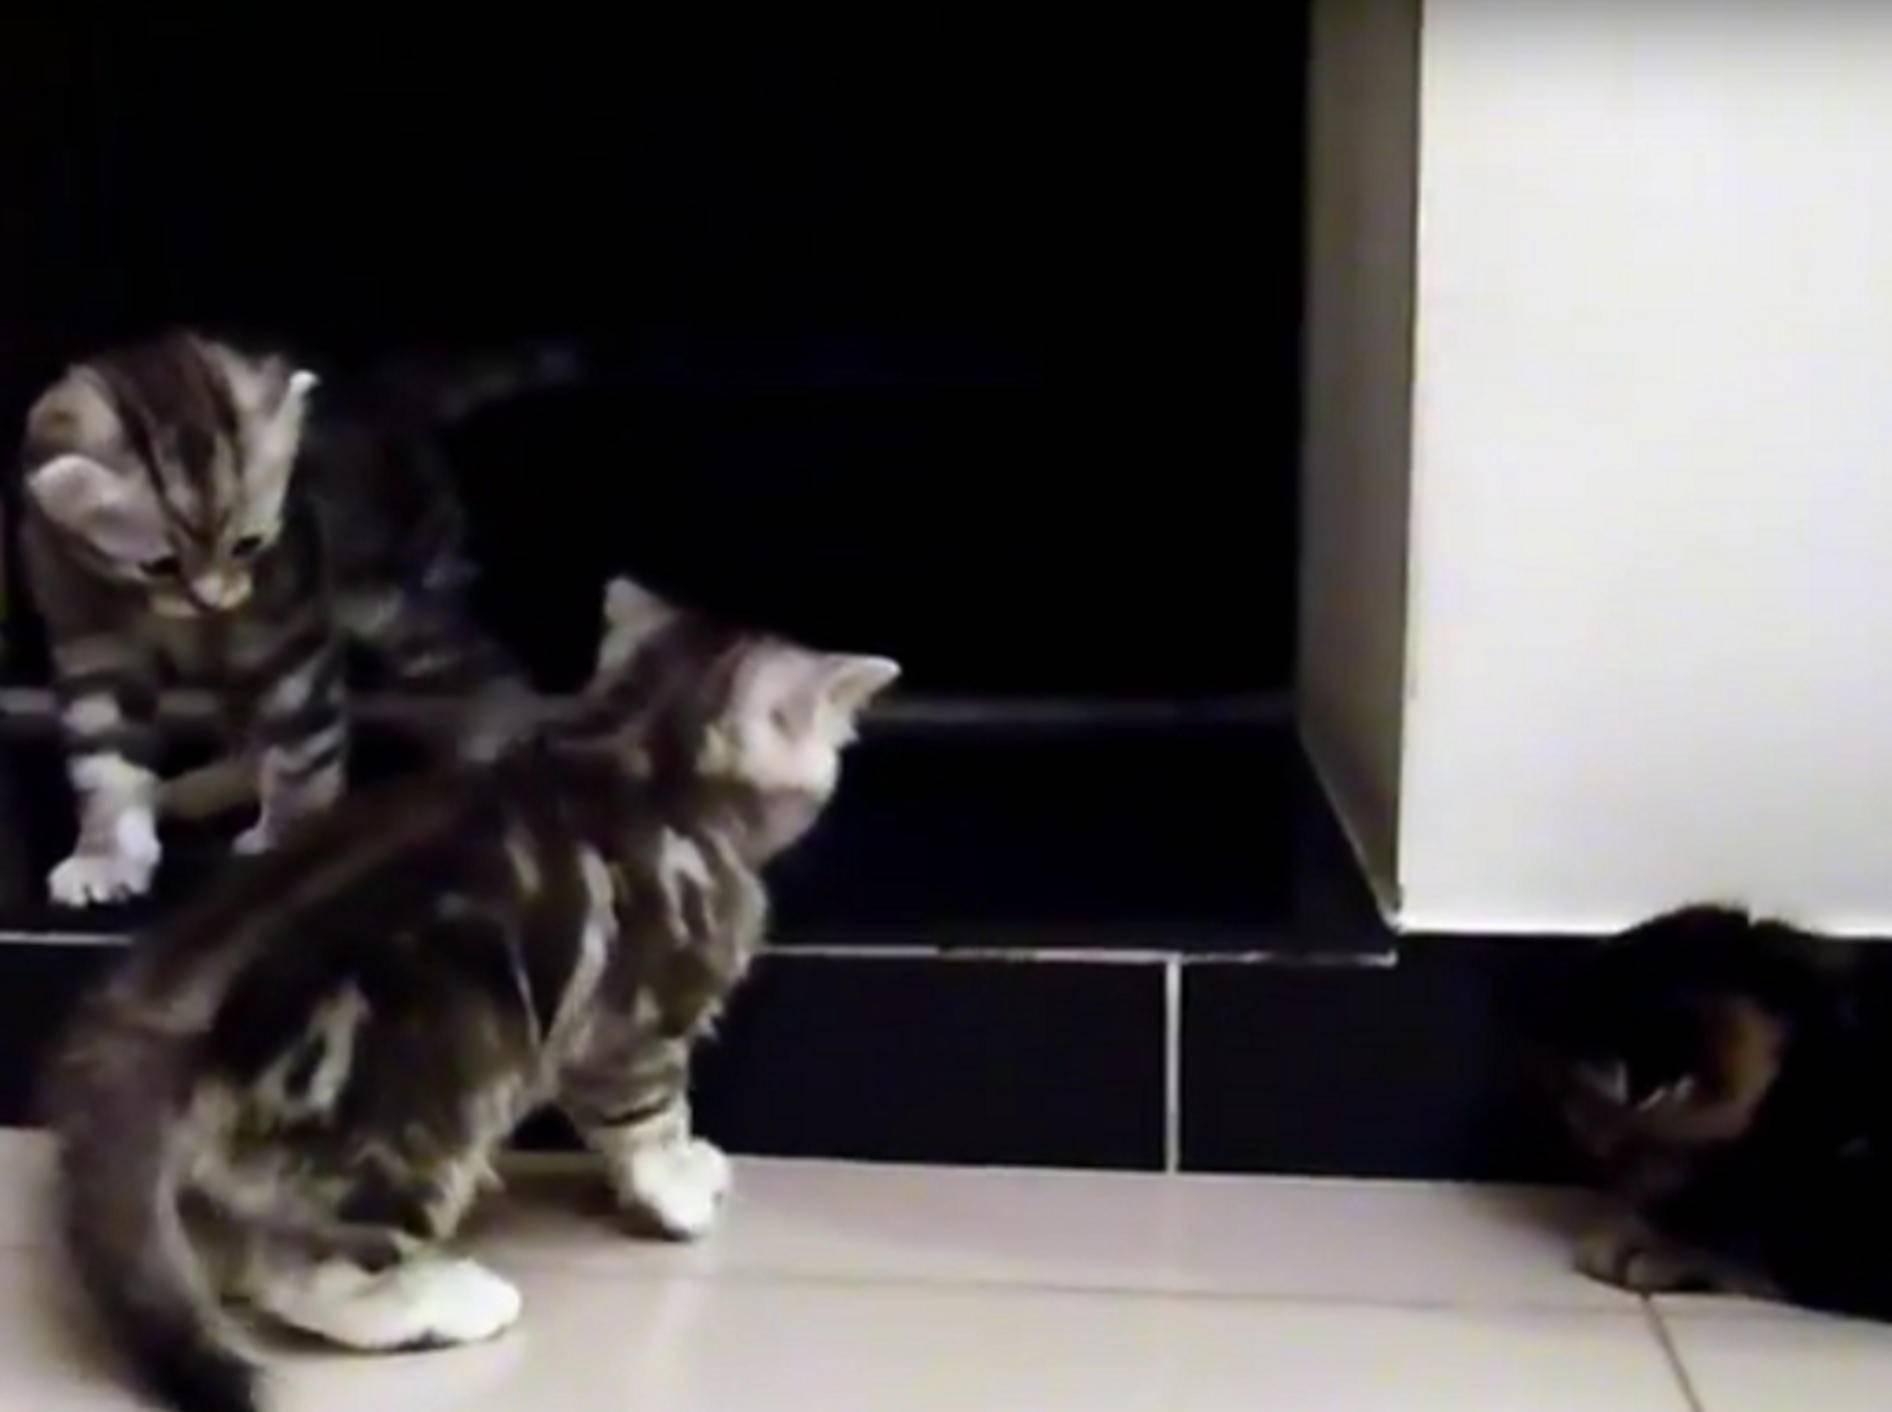 Wenn Katzen zur Musik spielen, ist das einfach nur zuckersüß – YouTube / Funnycatsandnicefish